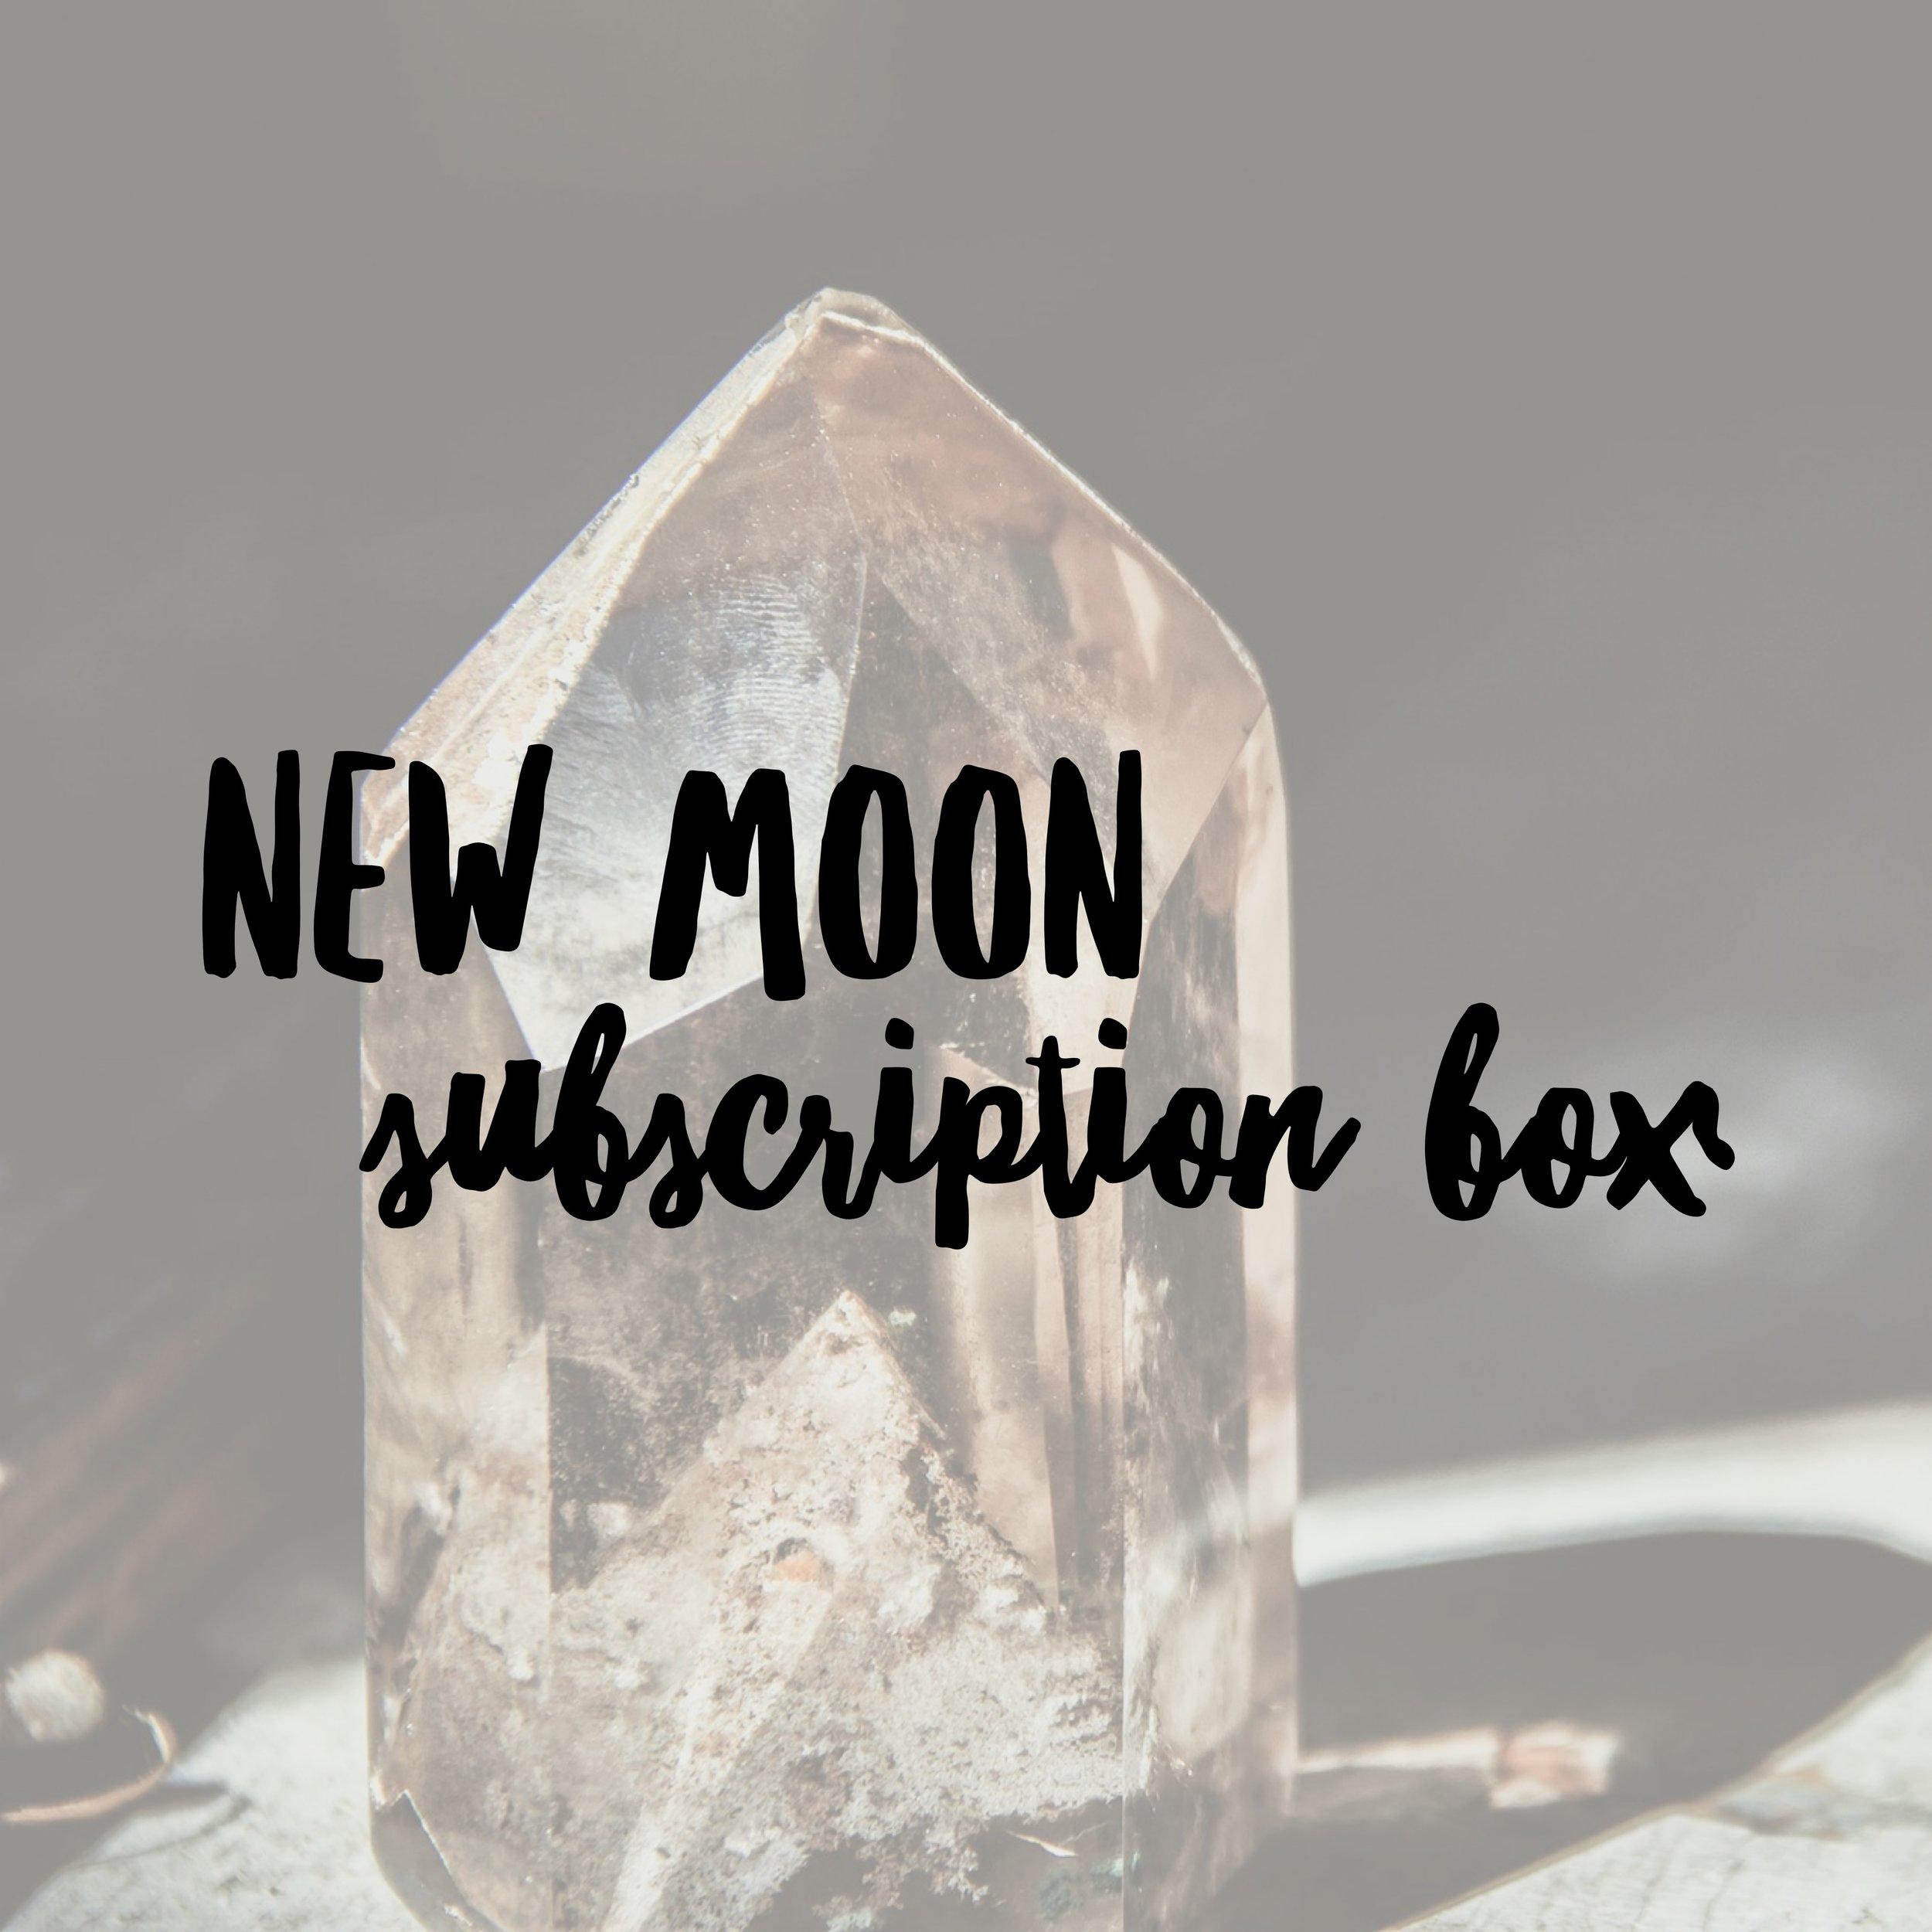 New Moon Box